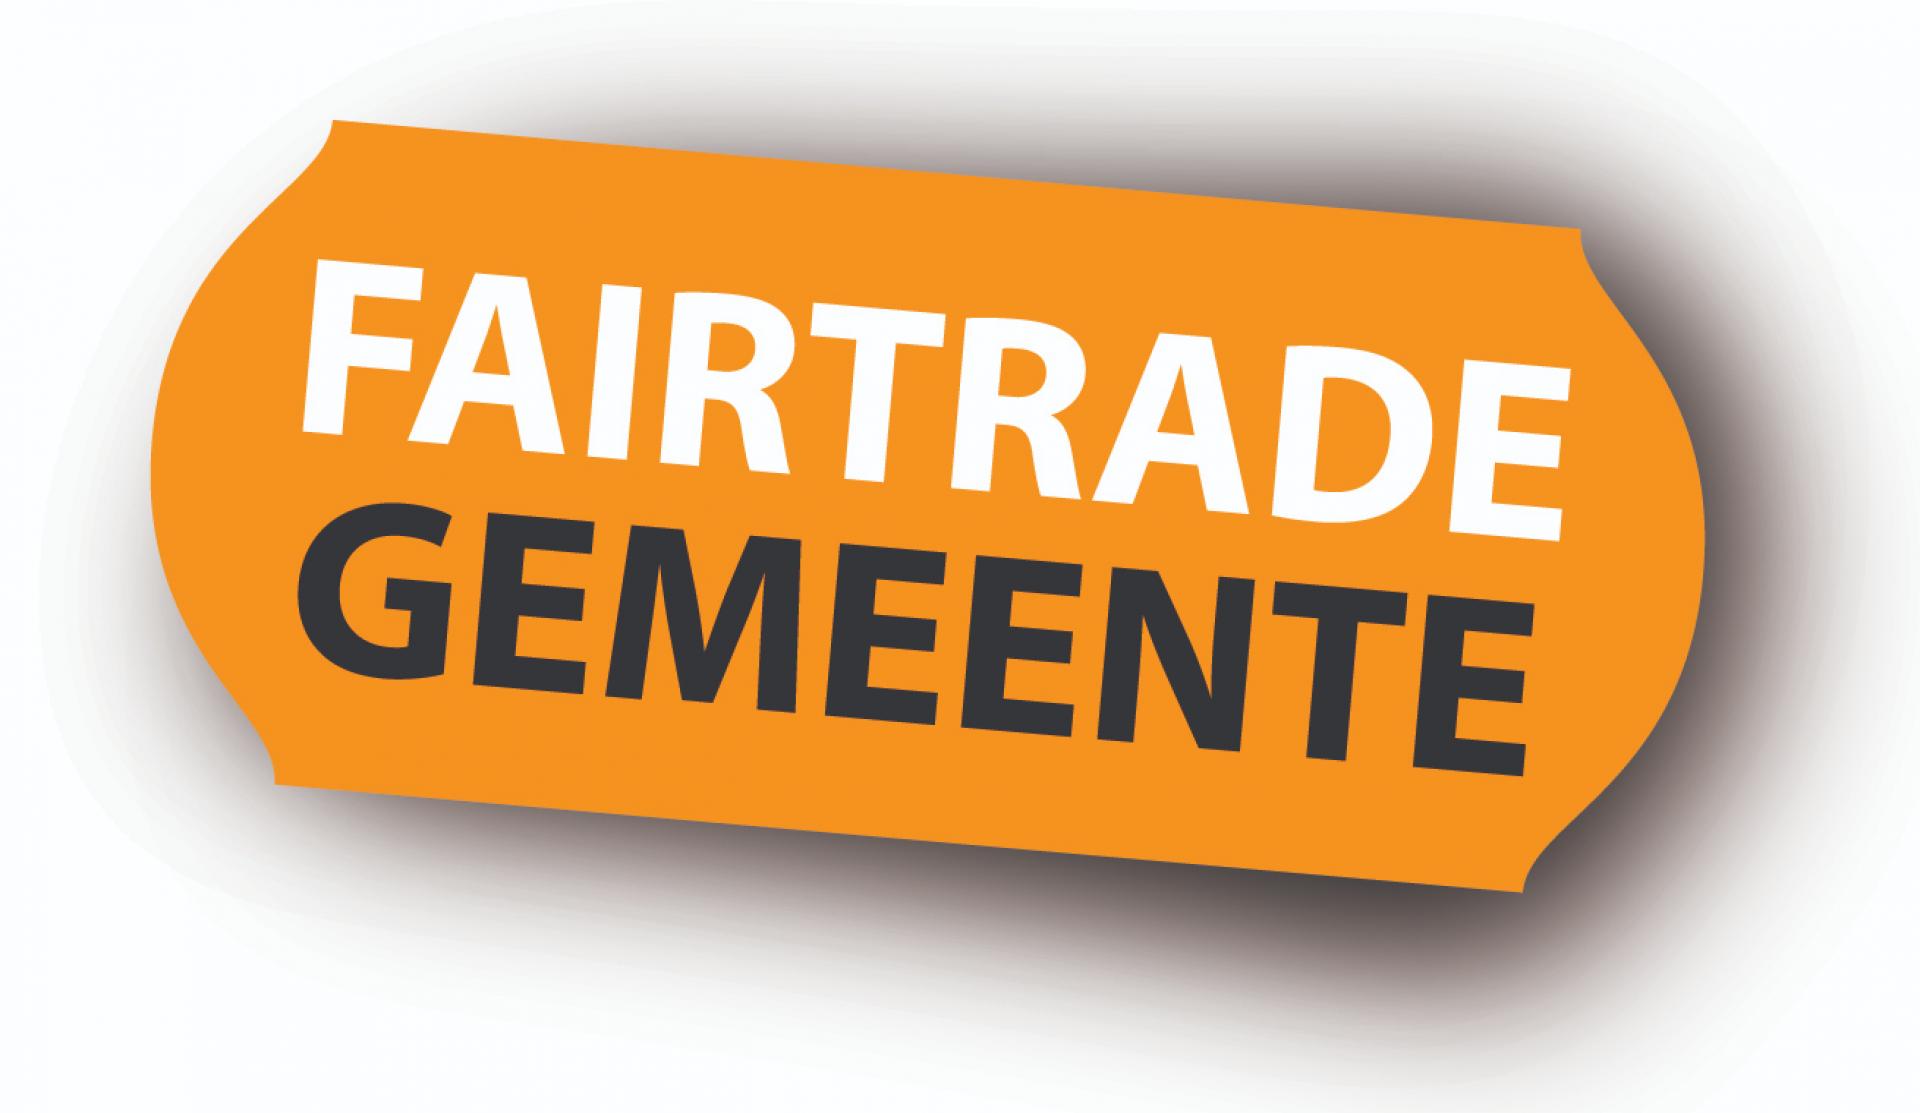 Titel Fairtrade gemeente voor Hof van Twente aangevraagd